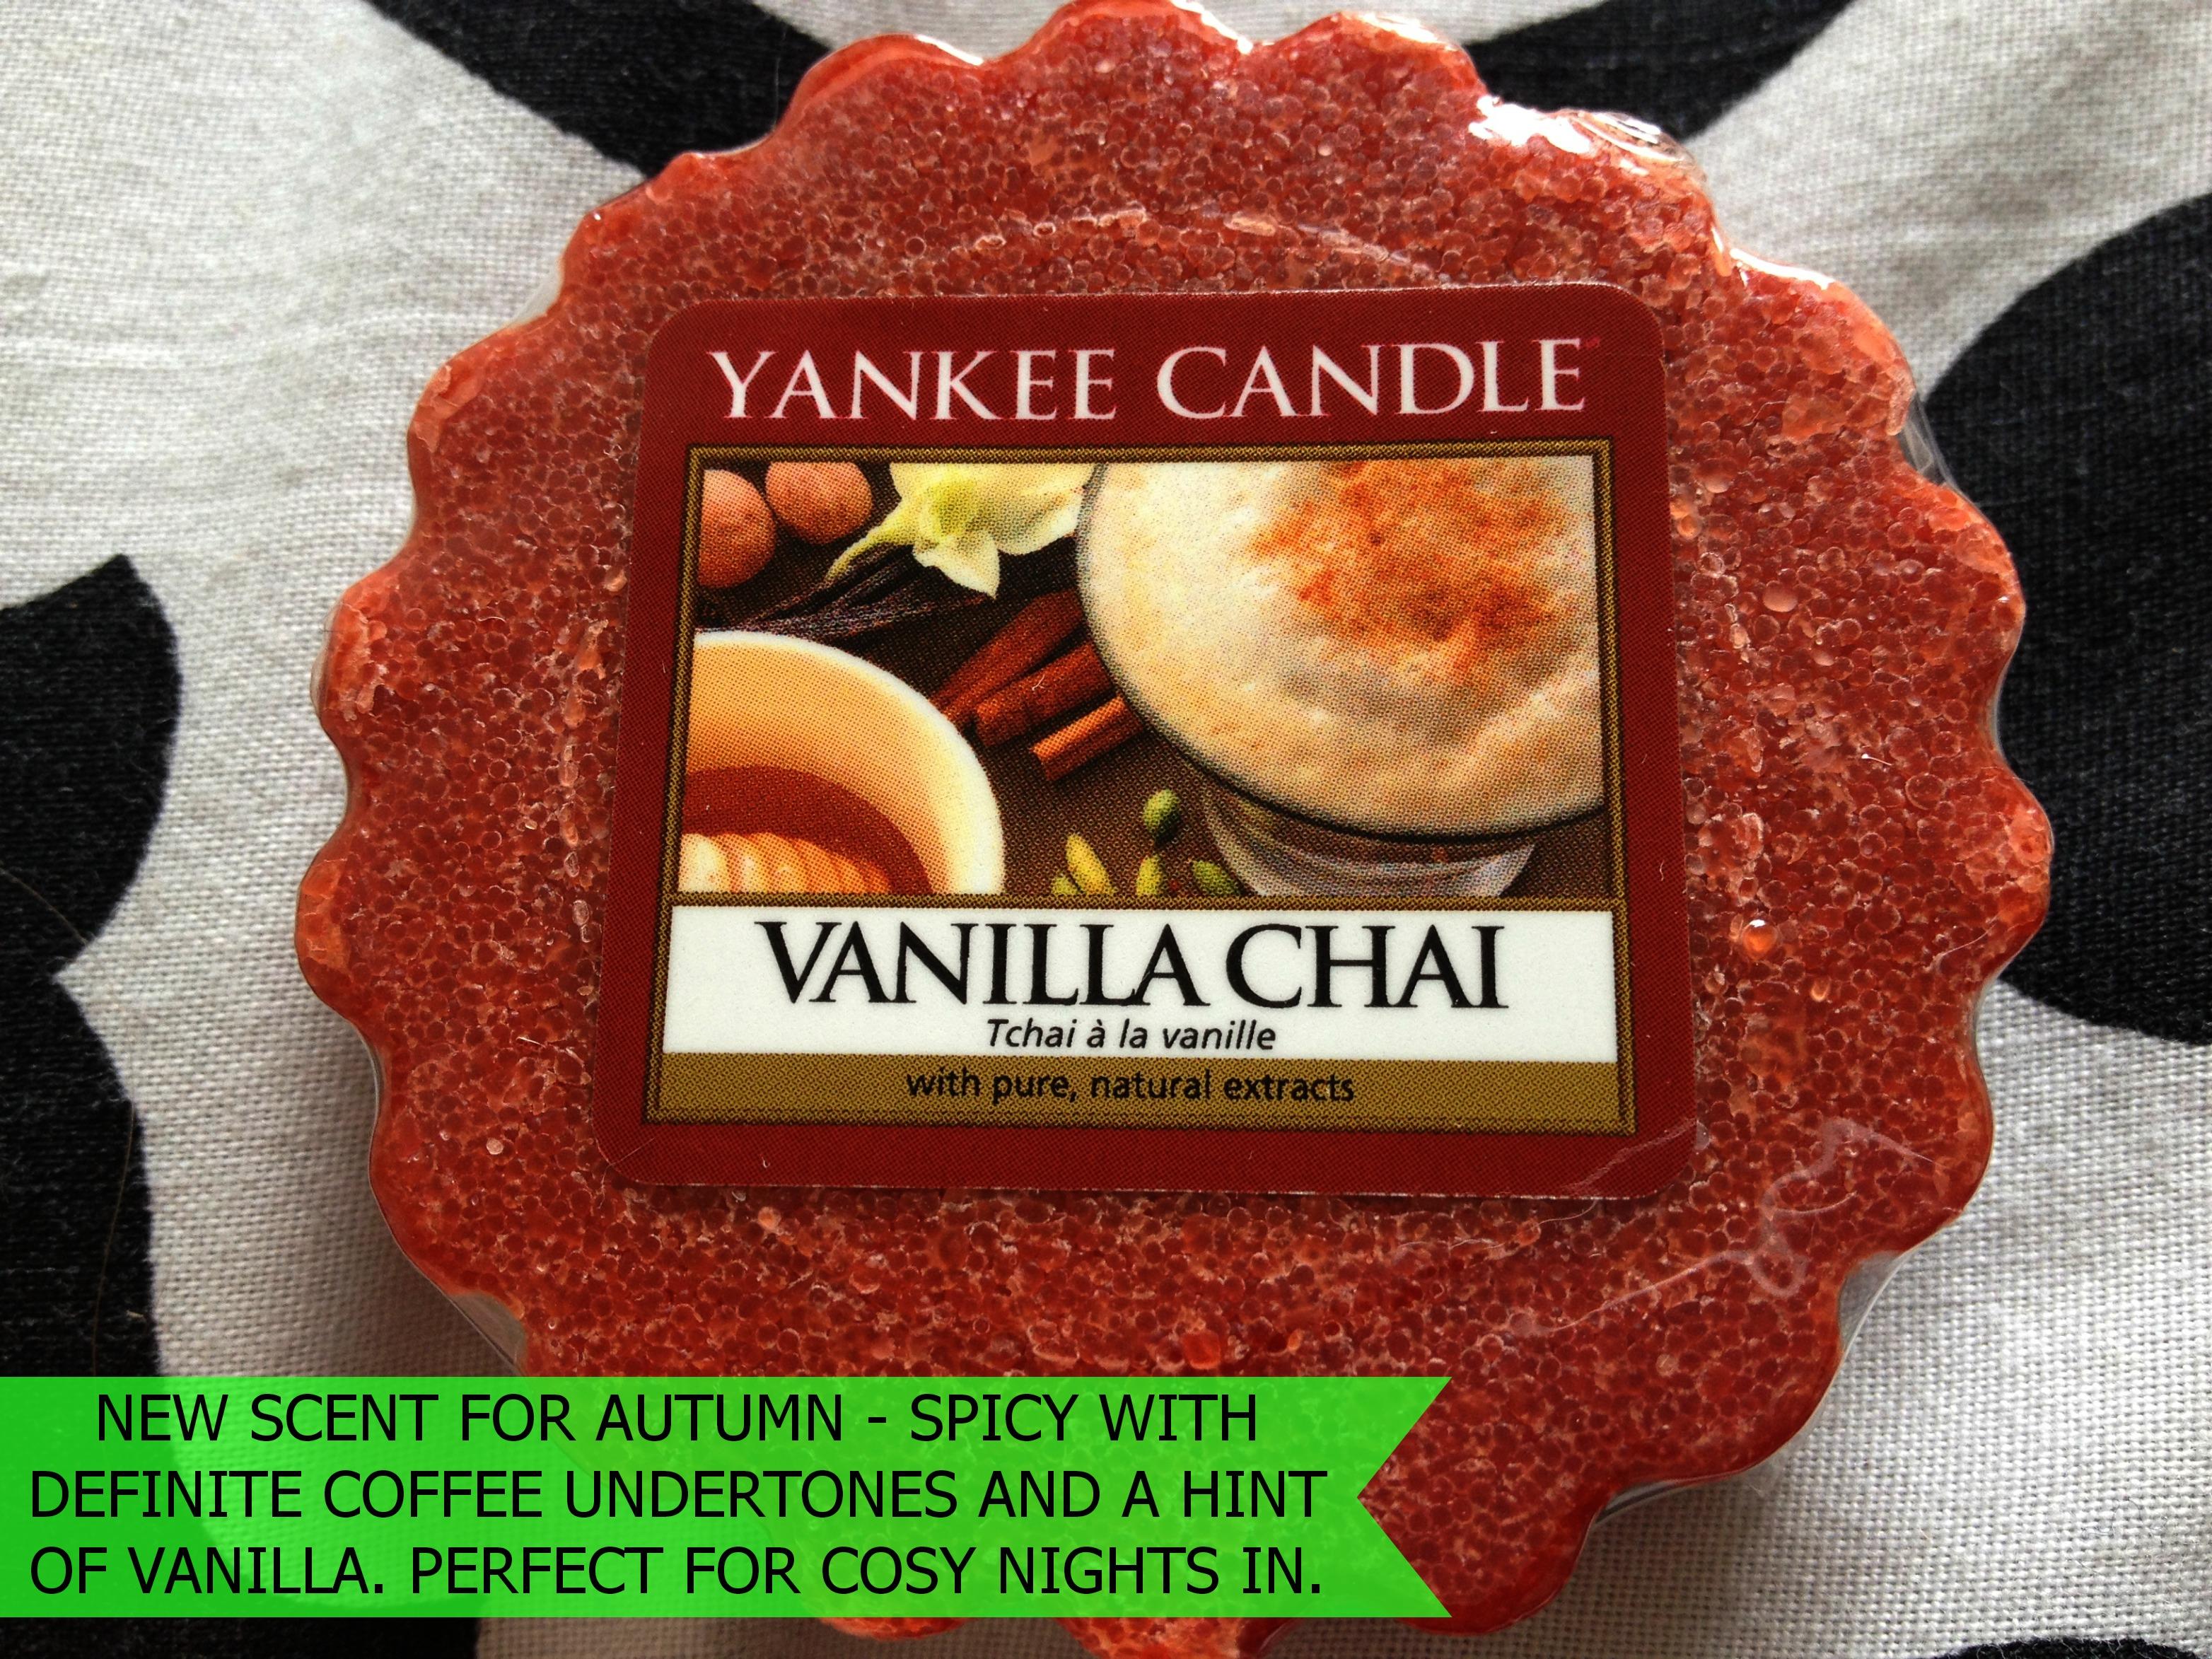 Yankee_Candle_Tart_Haul_Vanilla_Chai